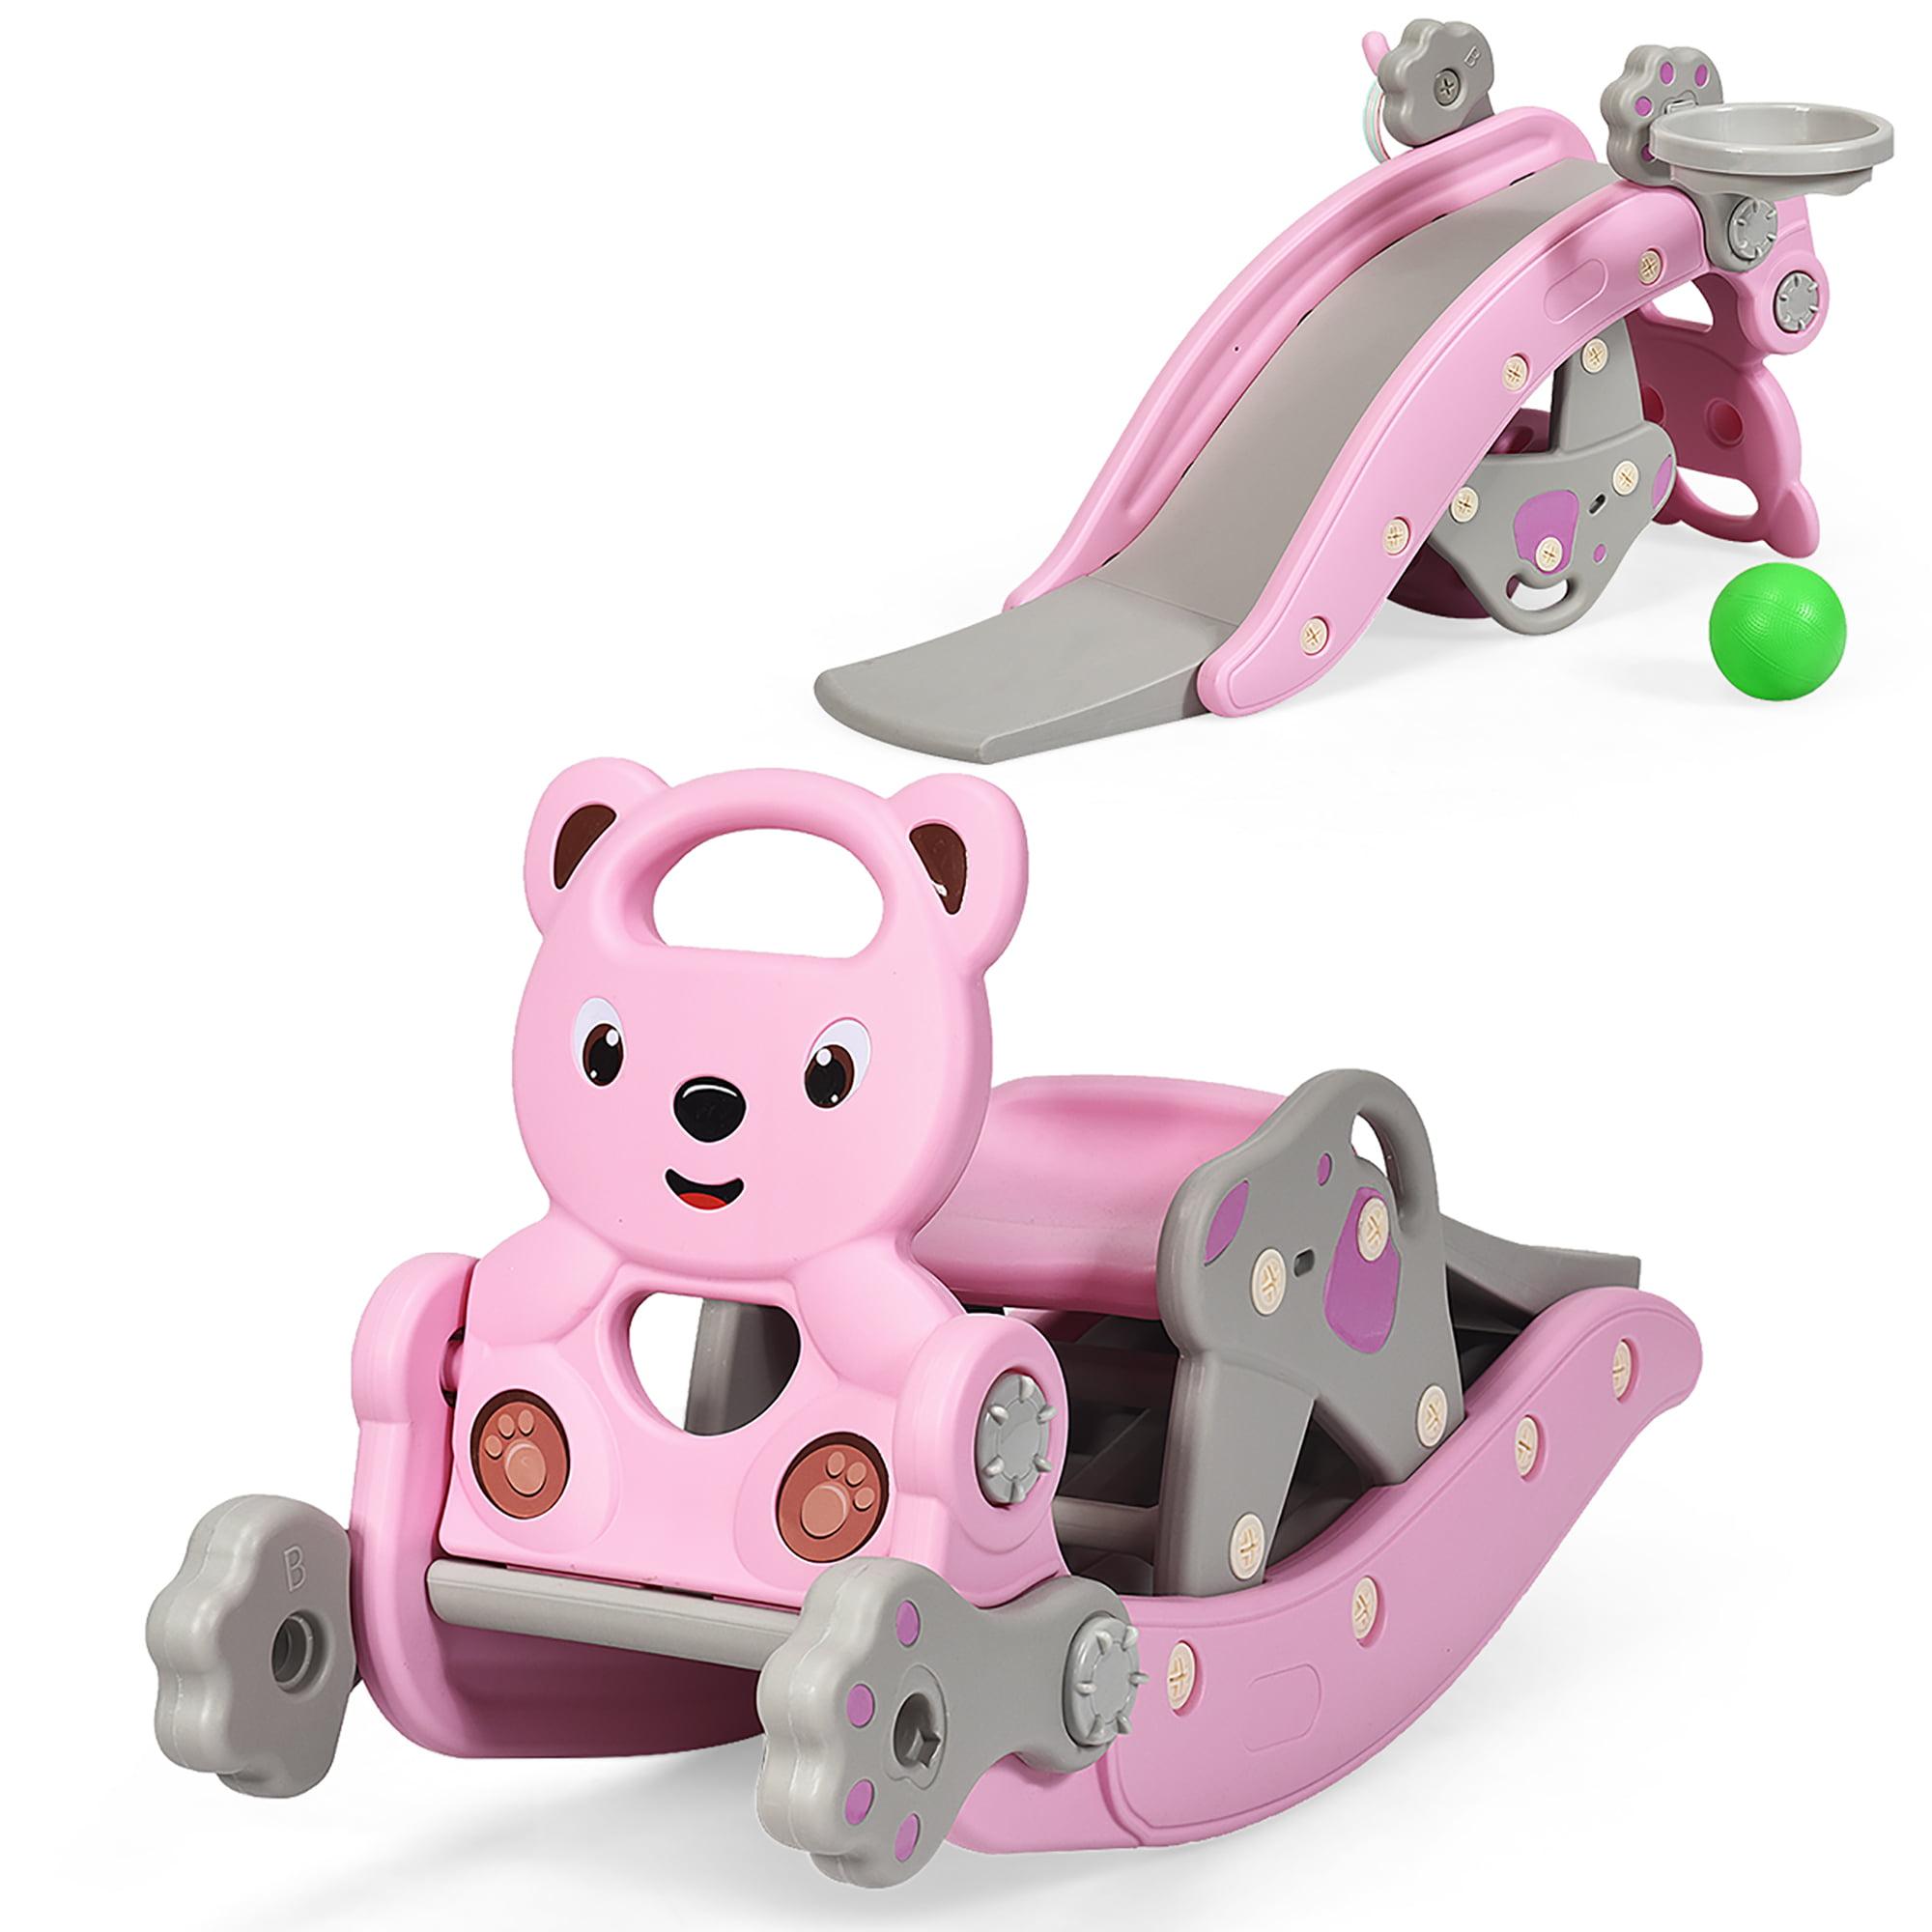 Costway Baby Rocking Horse Slide Set 4 In 1 Kids Swing Toys W Basketball Hoop Ferrule Walmart Canada